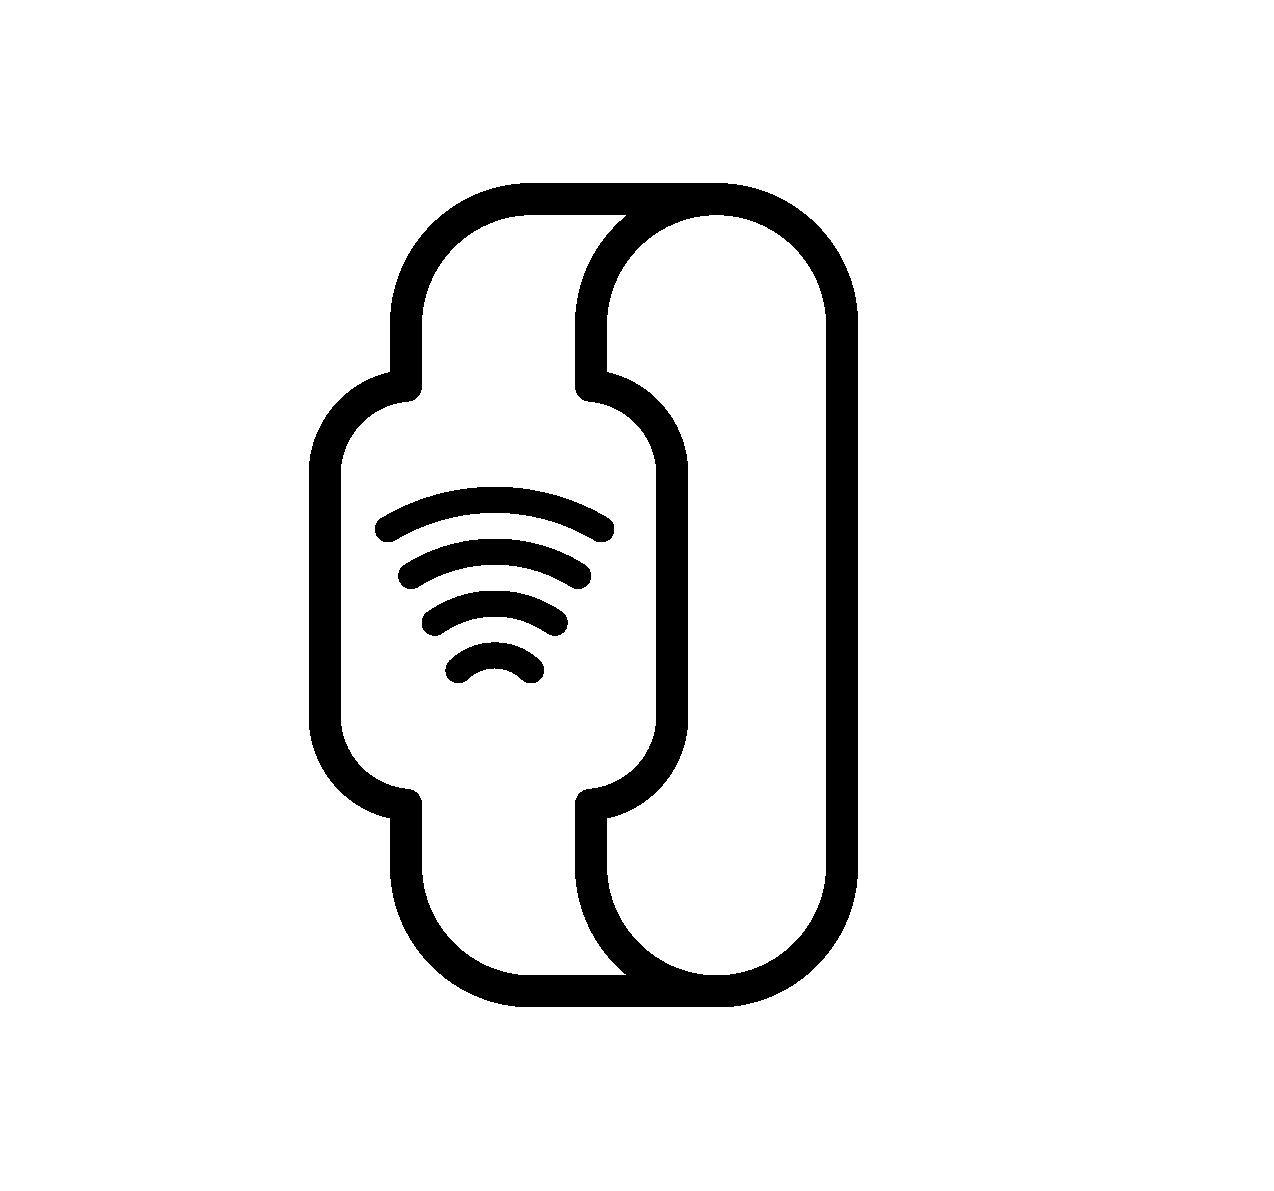 Ikona - płatności opaską zbliżeniową